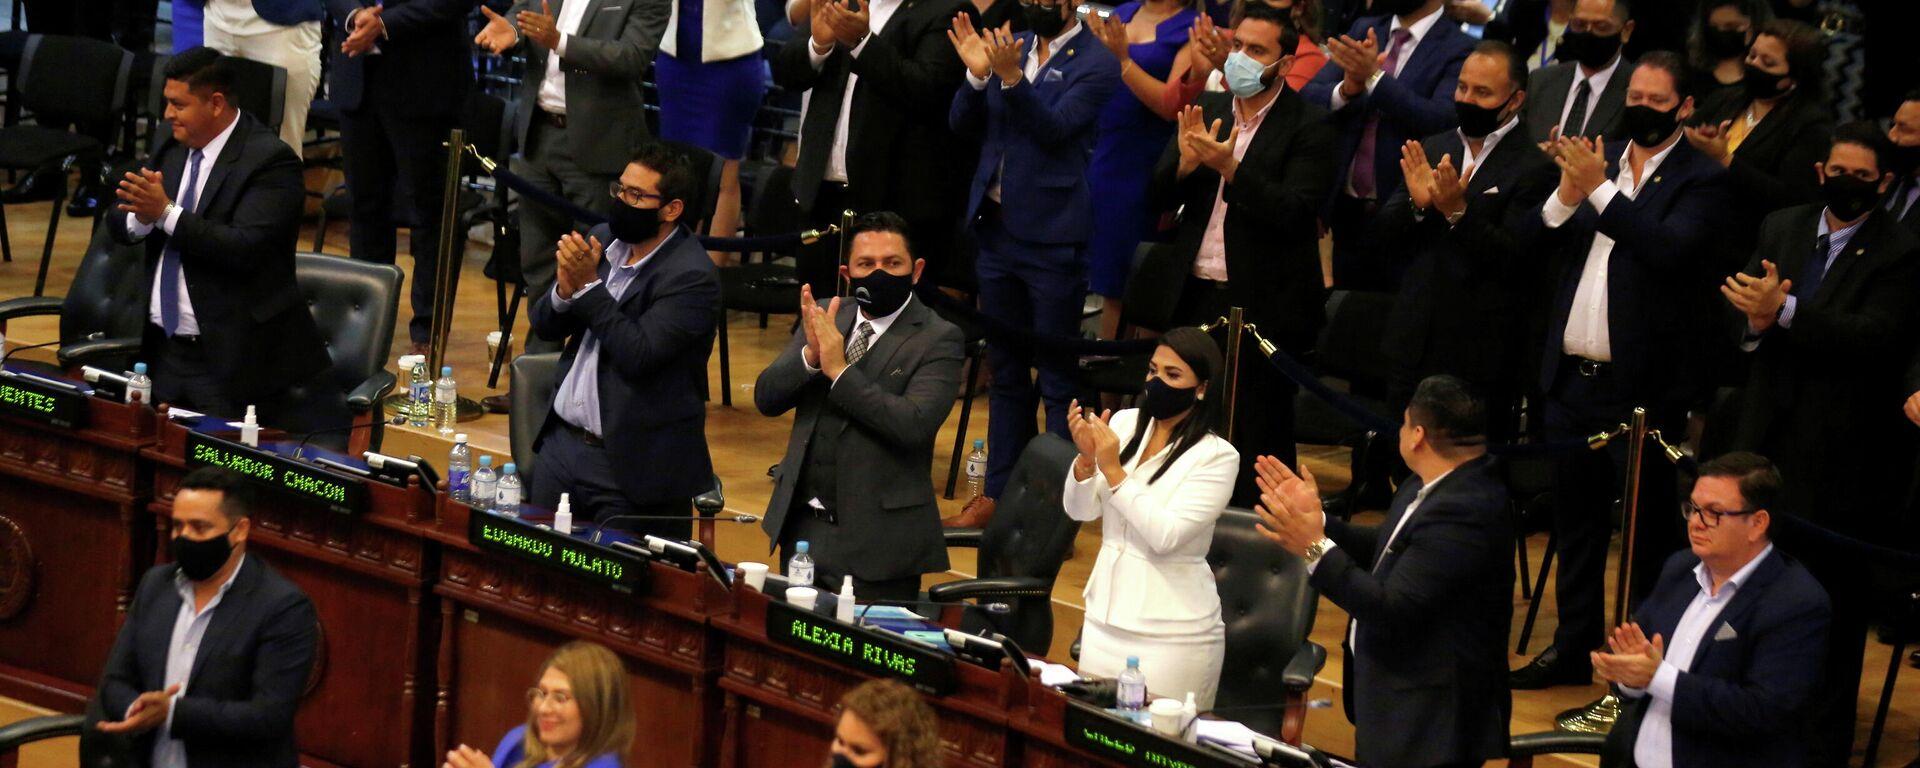 Parlamento de El Salvador destituye a los magistrados de la Corte Constitucional - Sputnik Mundo, 1920, 02.05.2021